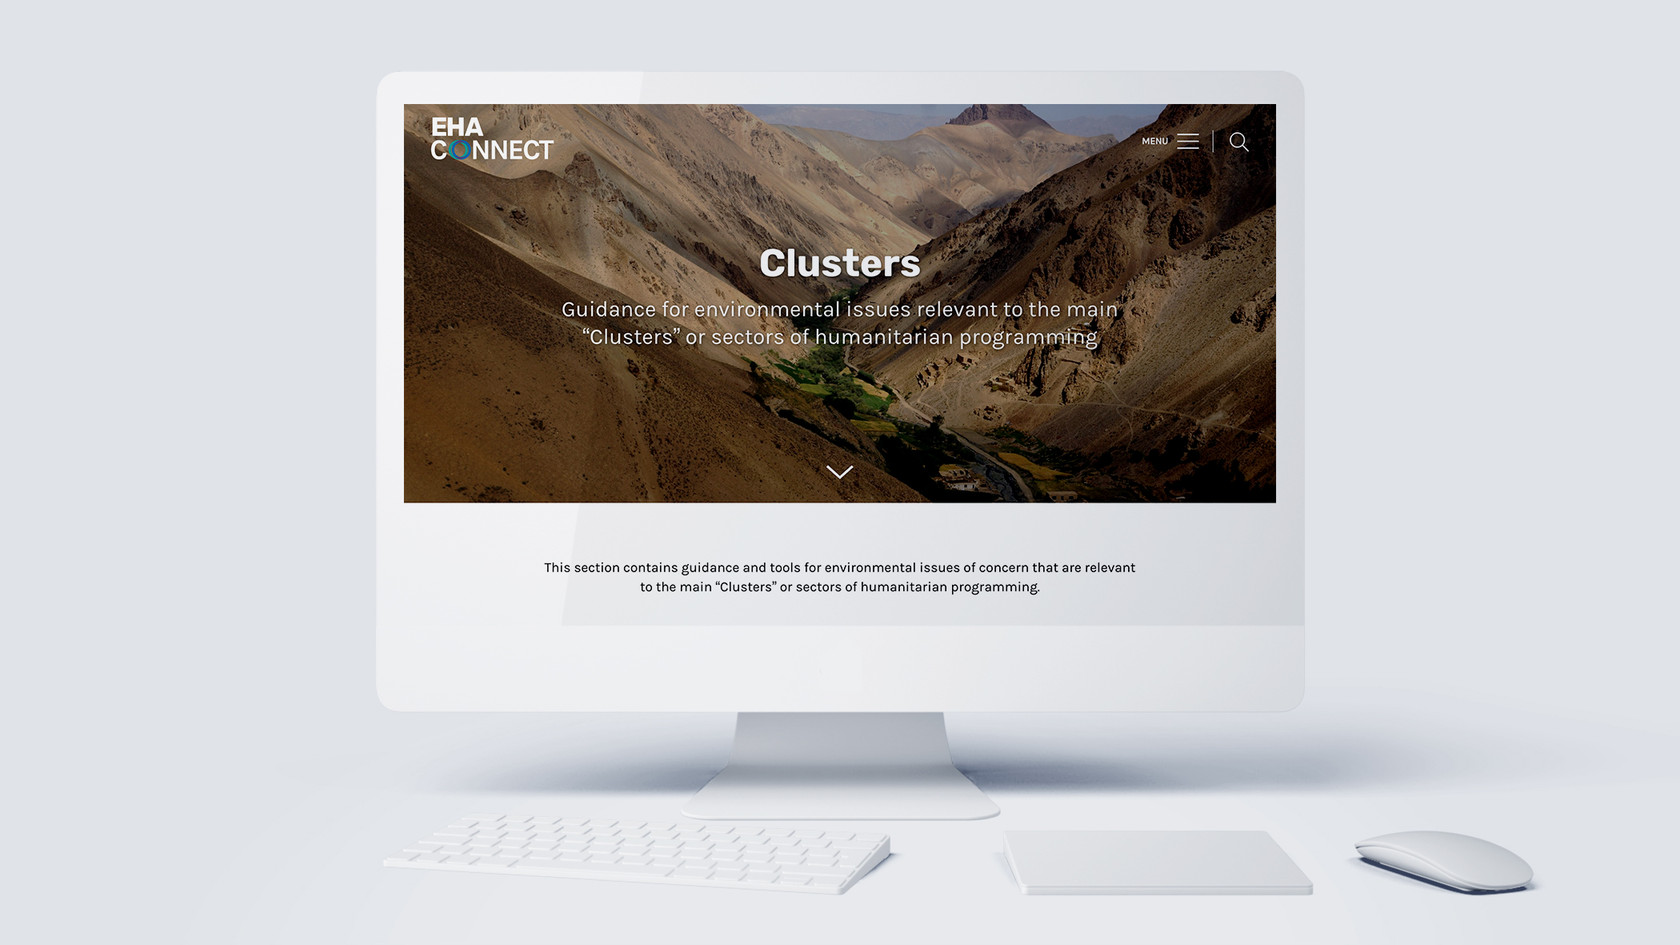 Clusters-EHA-iMac.jpg